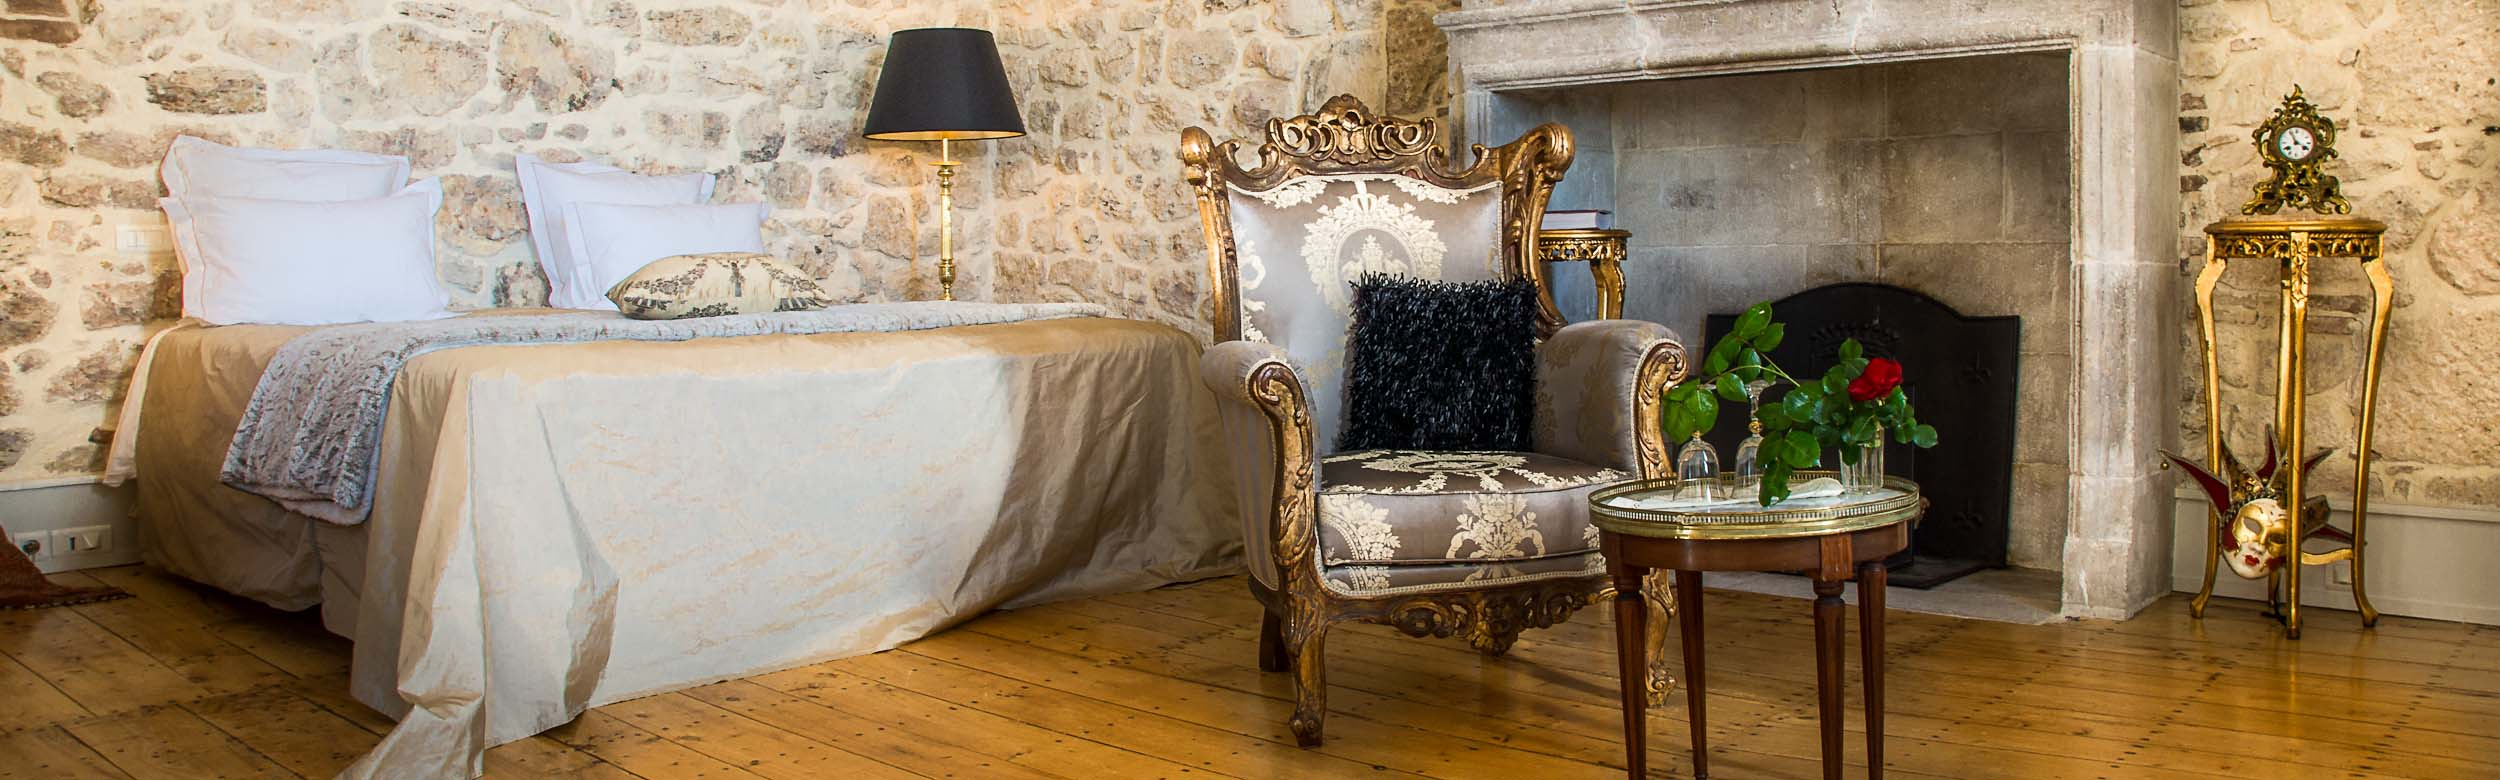 5 Chambres d h´tes de charme  Agen au chateau Mieux qu un hotel